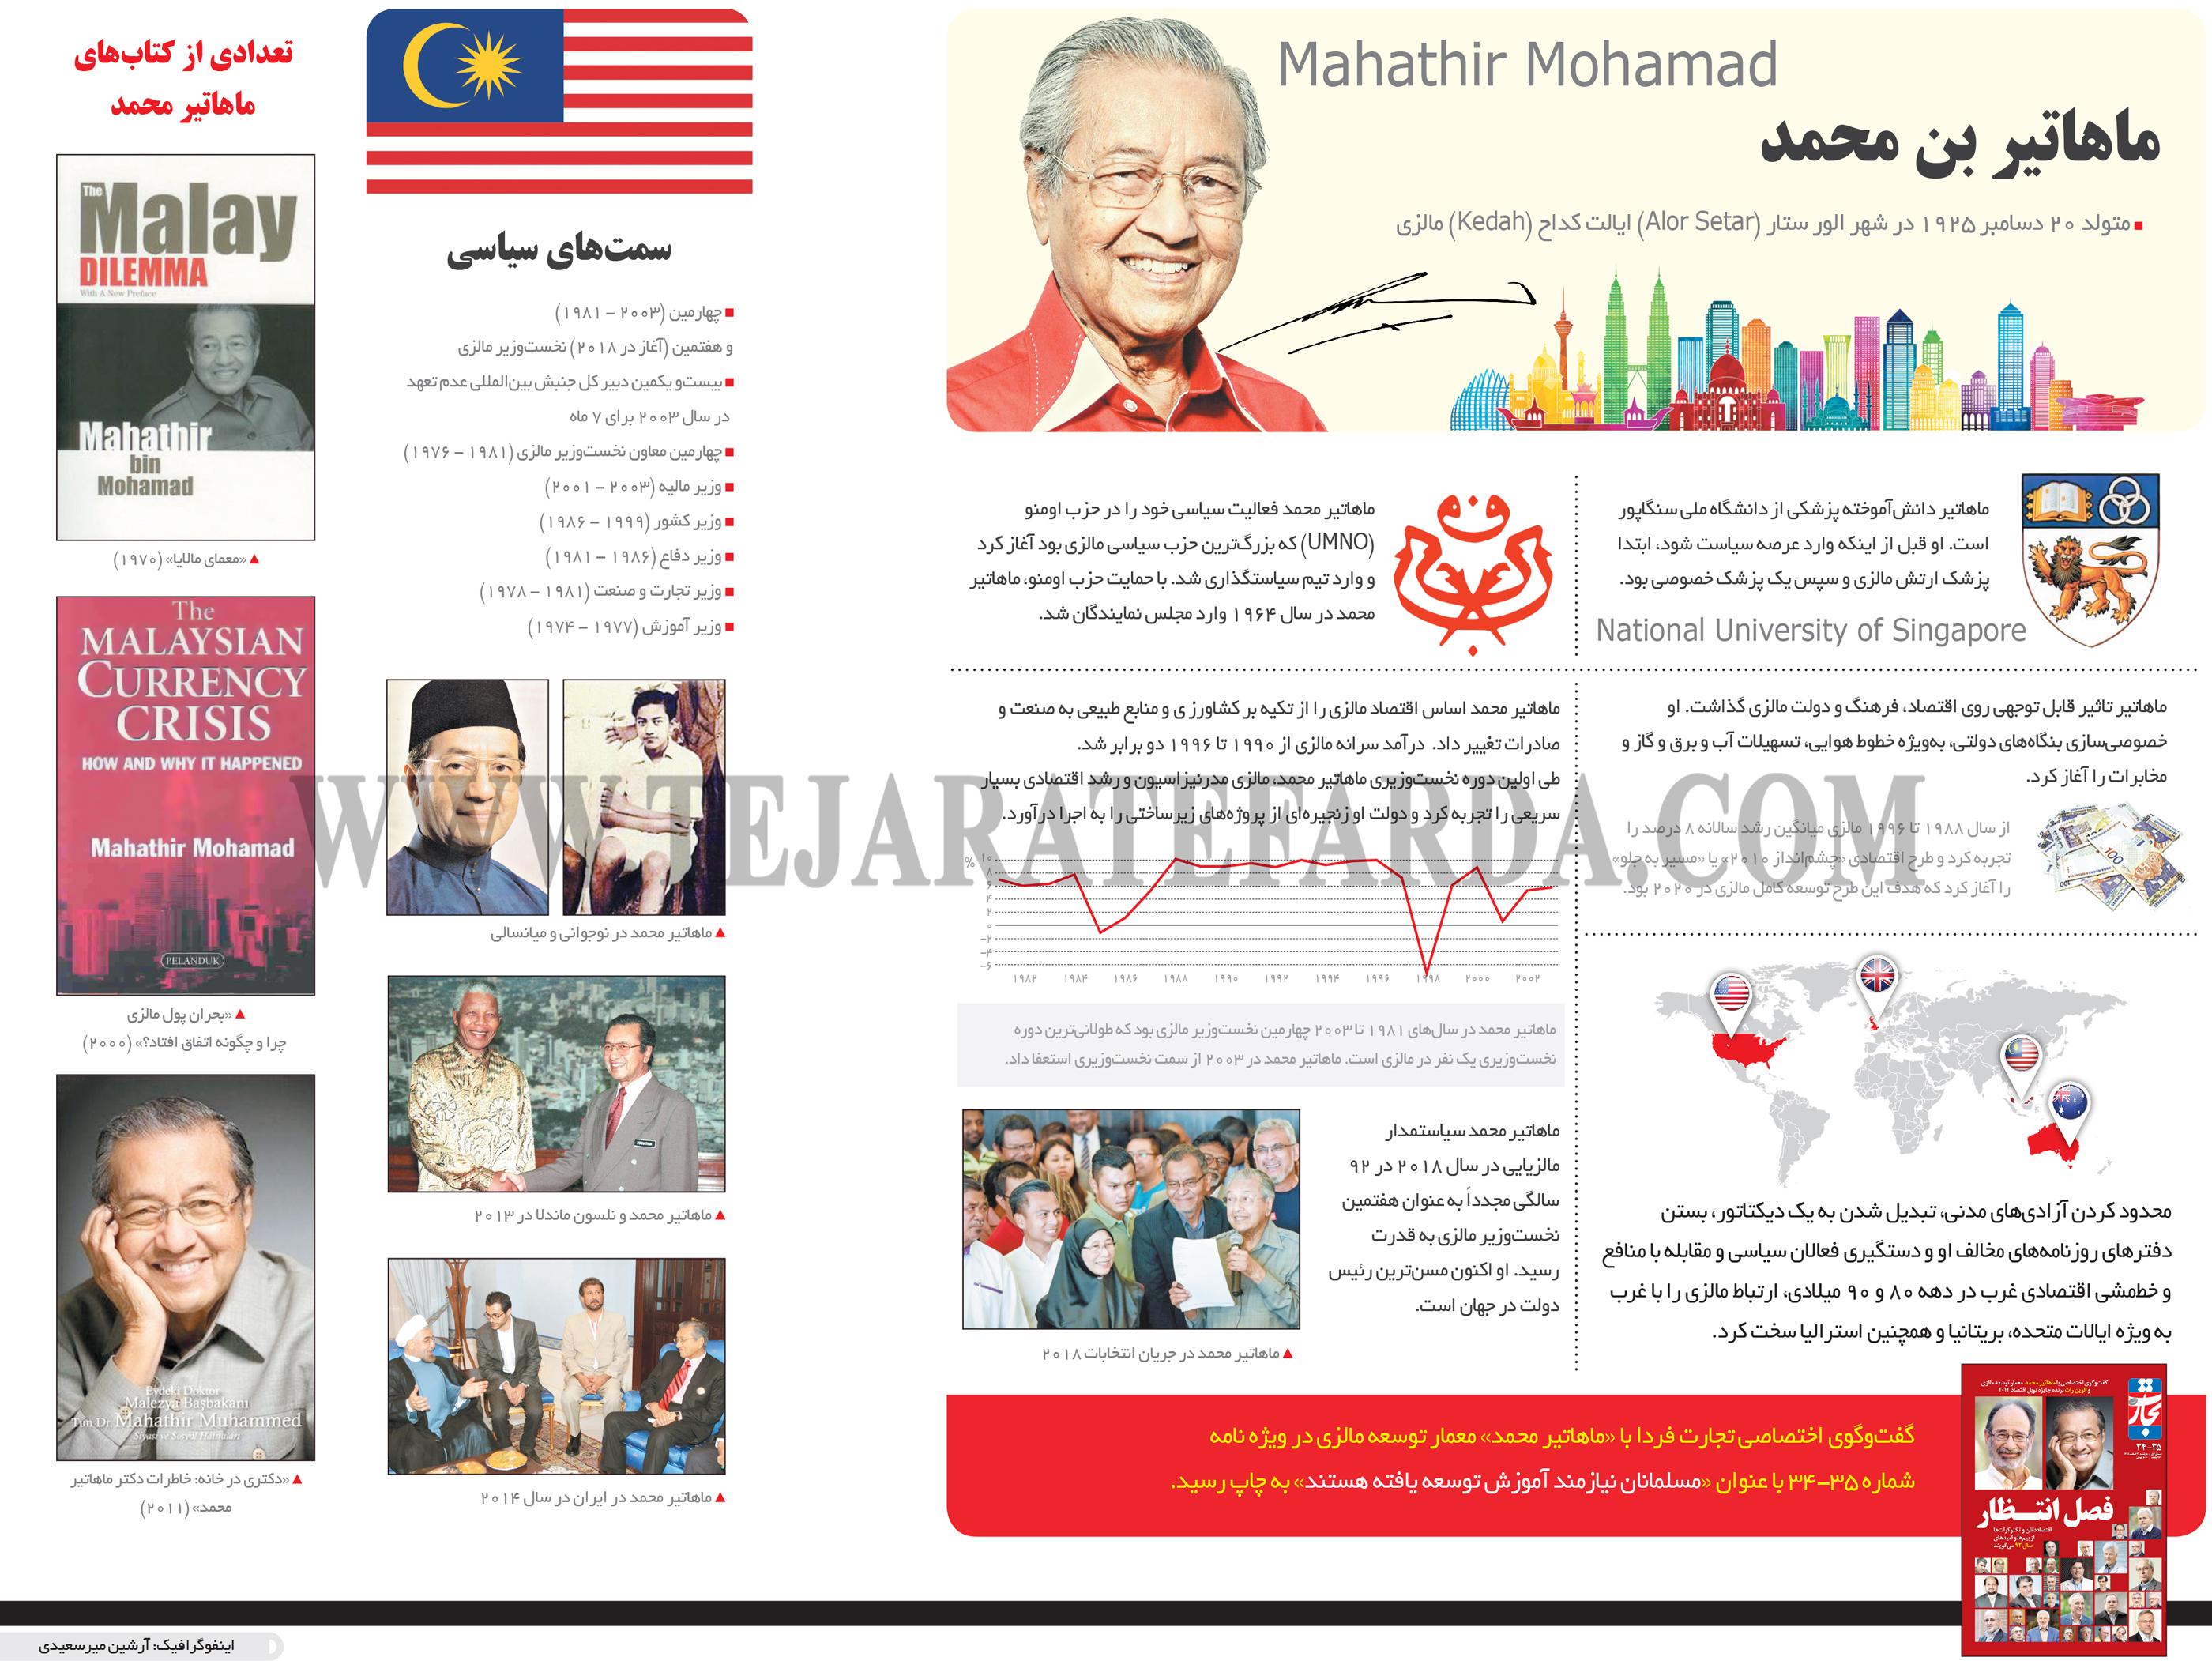 تجارت- فردا- ماهاتیر بن محمد(اینفوگرافیک)